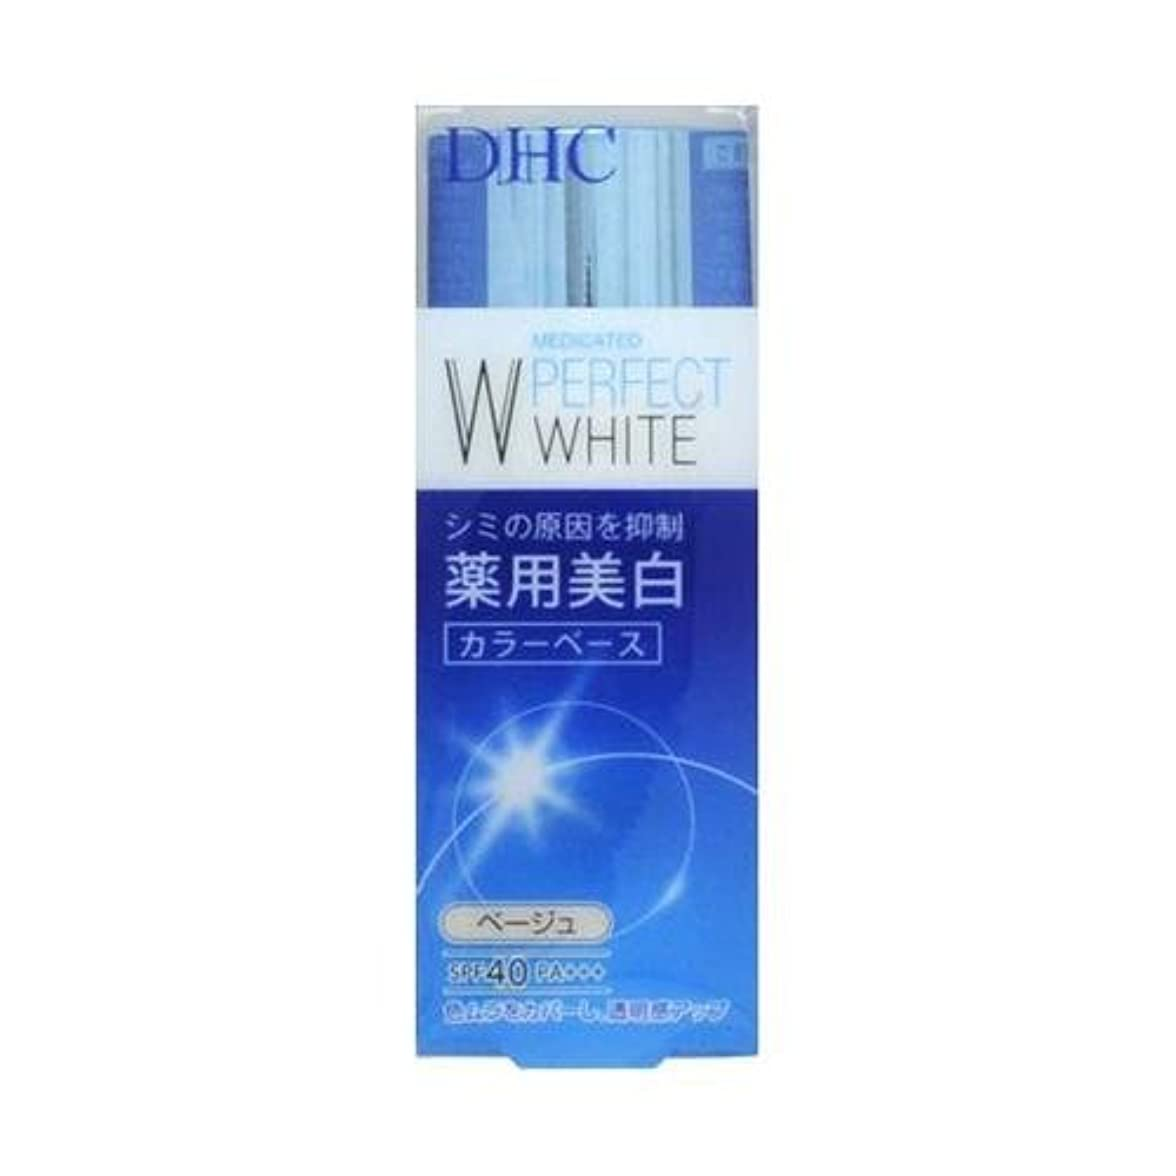 美的定義する返還DHC 薬用パーフェクトホワイト カラーベース アプリコット 30g(医薬部外品)